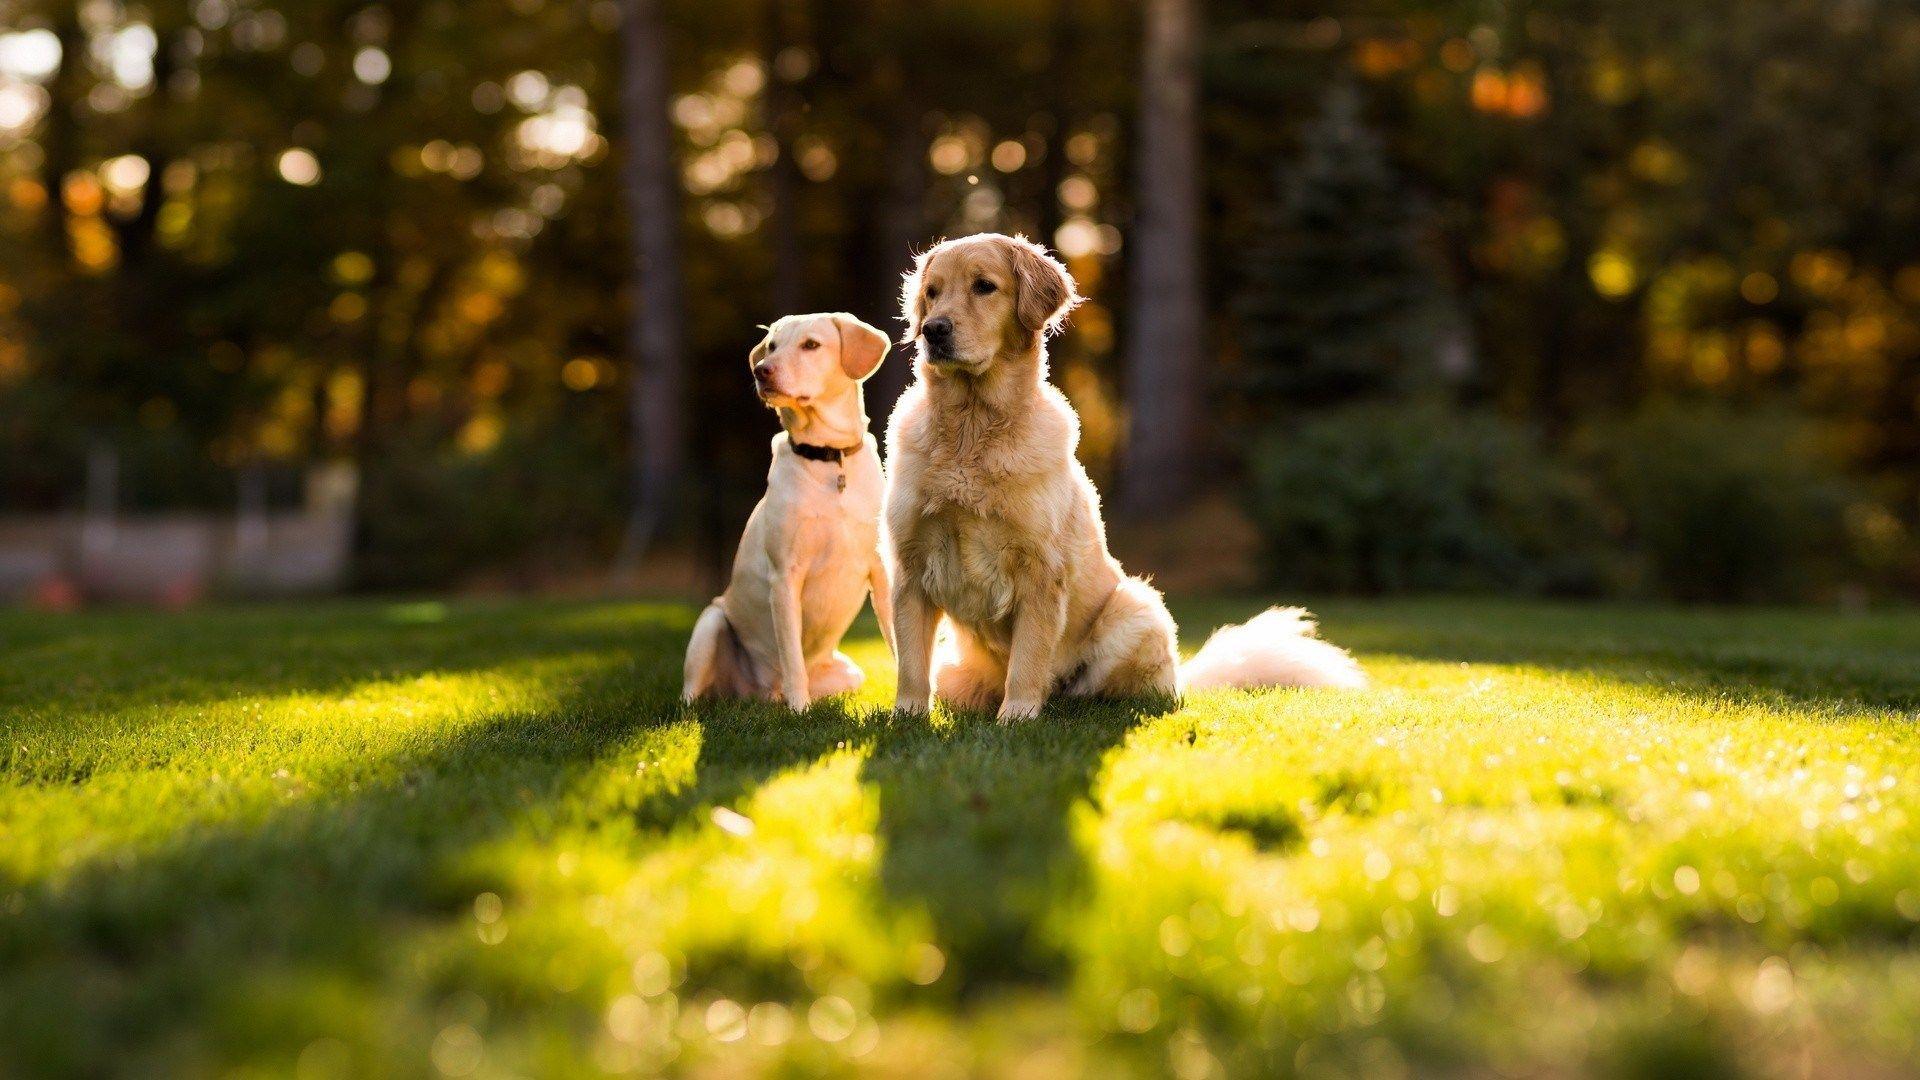 Cute Dog Wallpapers Desktop Mobile 65 Dog Wallpaper Cute Dog Wallpaper Dog Friends